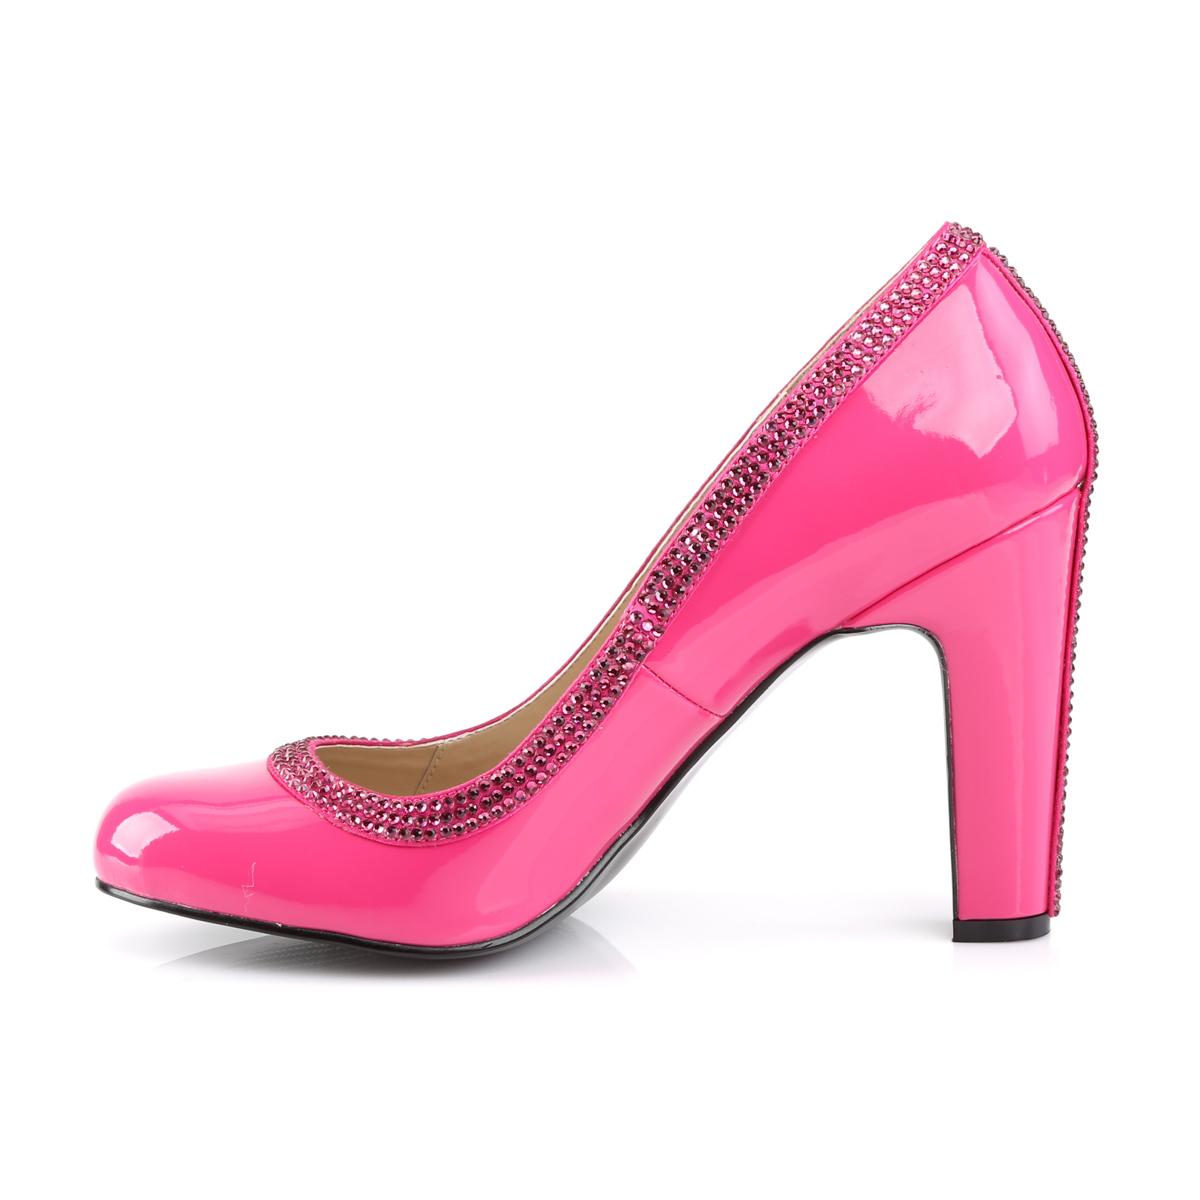 04 Pleaser Pink Label Queen